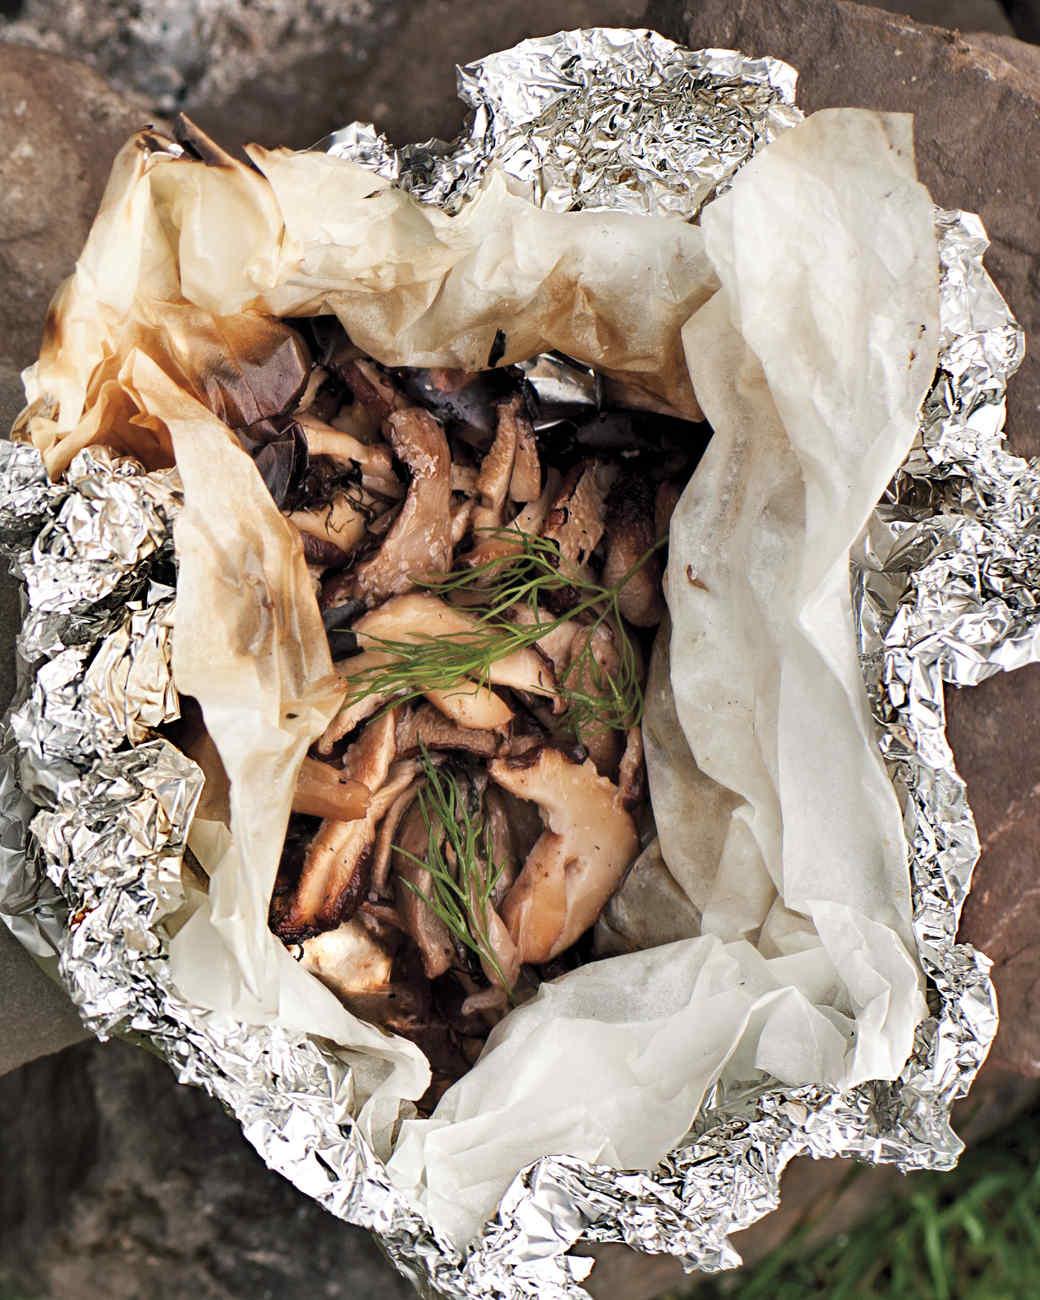 mushroom-packets-034-f-0611mld106657.jpg